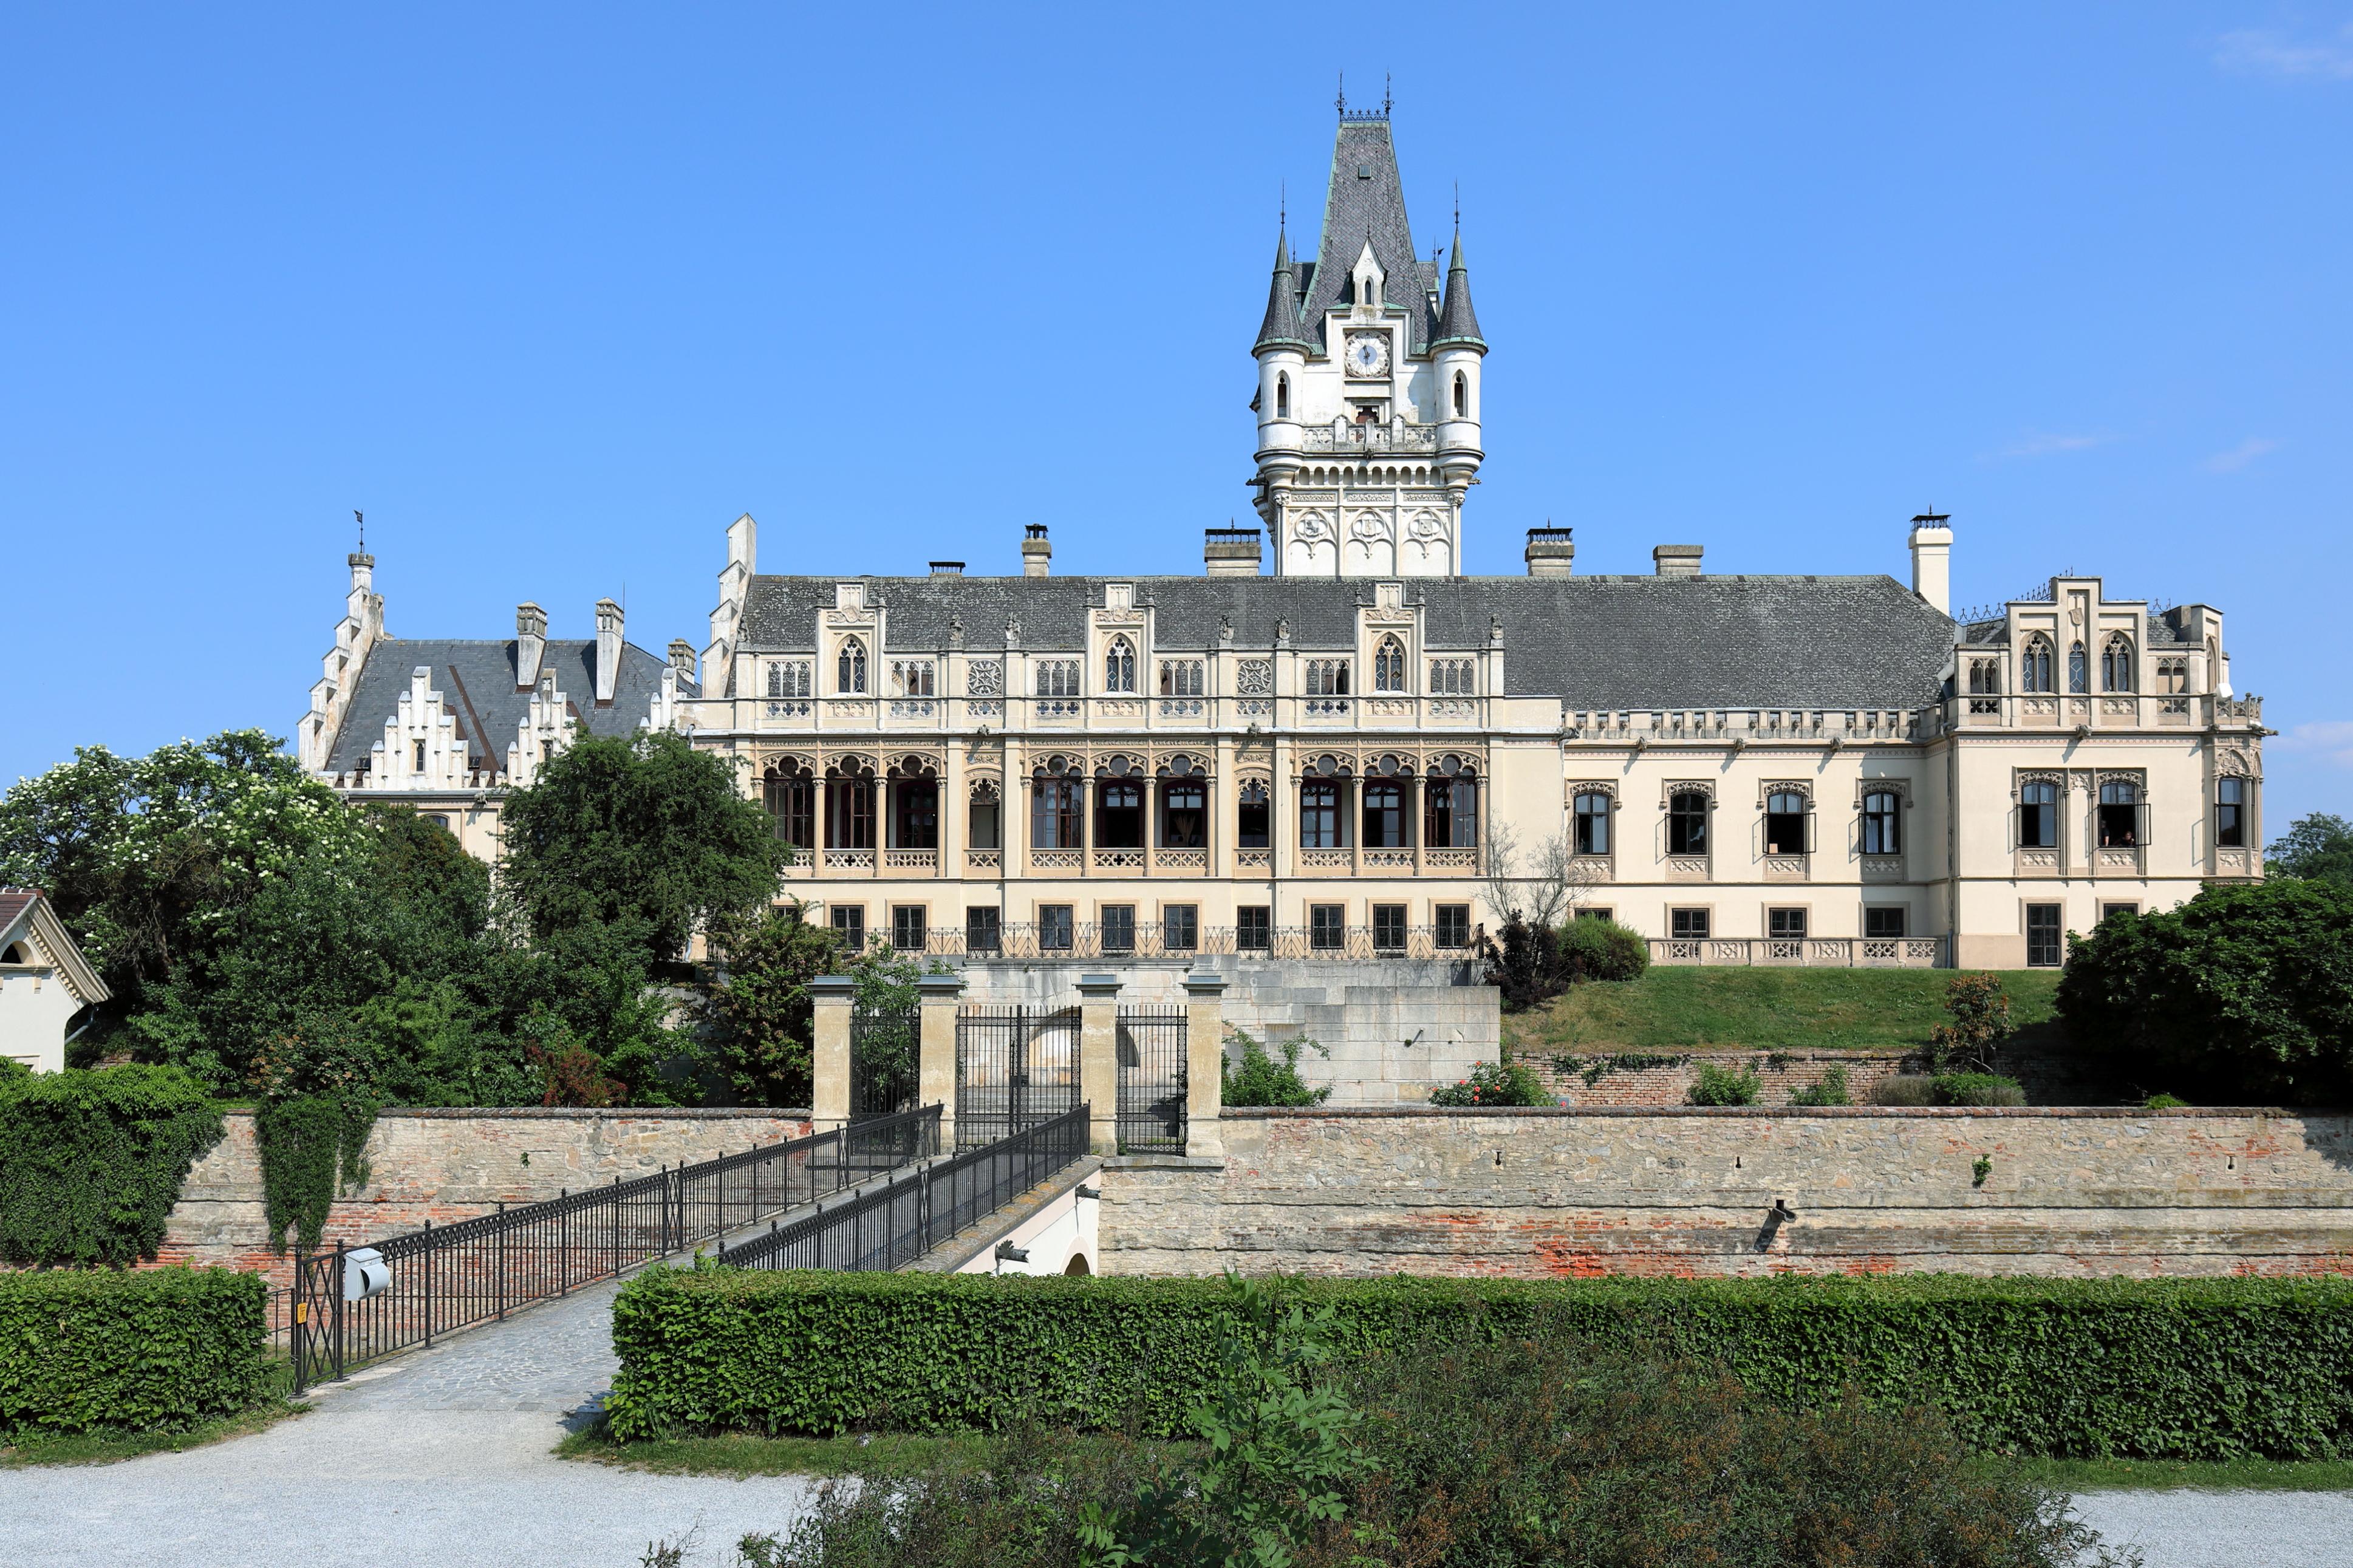 Datei:067 Schloss Grafenegg, Liezen - autogenitrening.com - Wikipedia